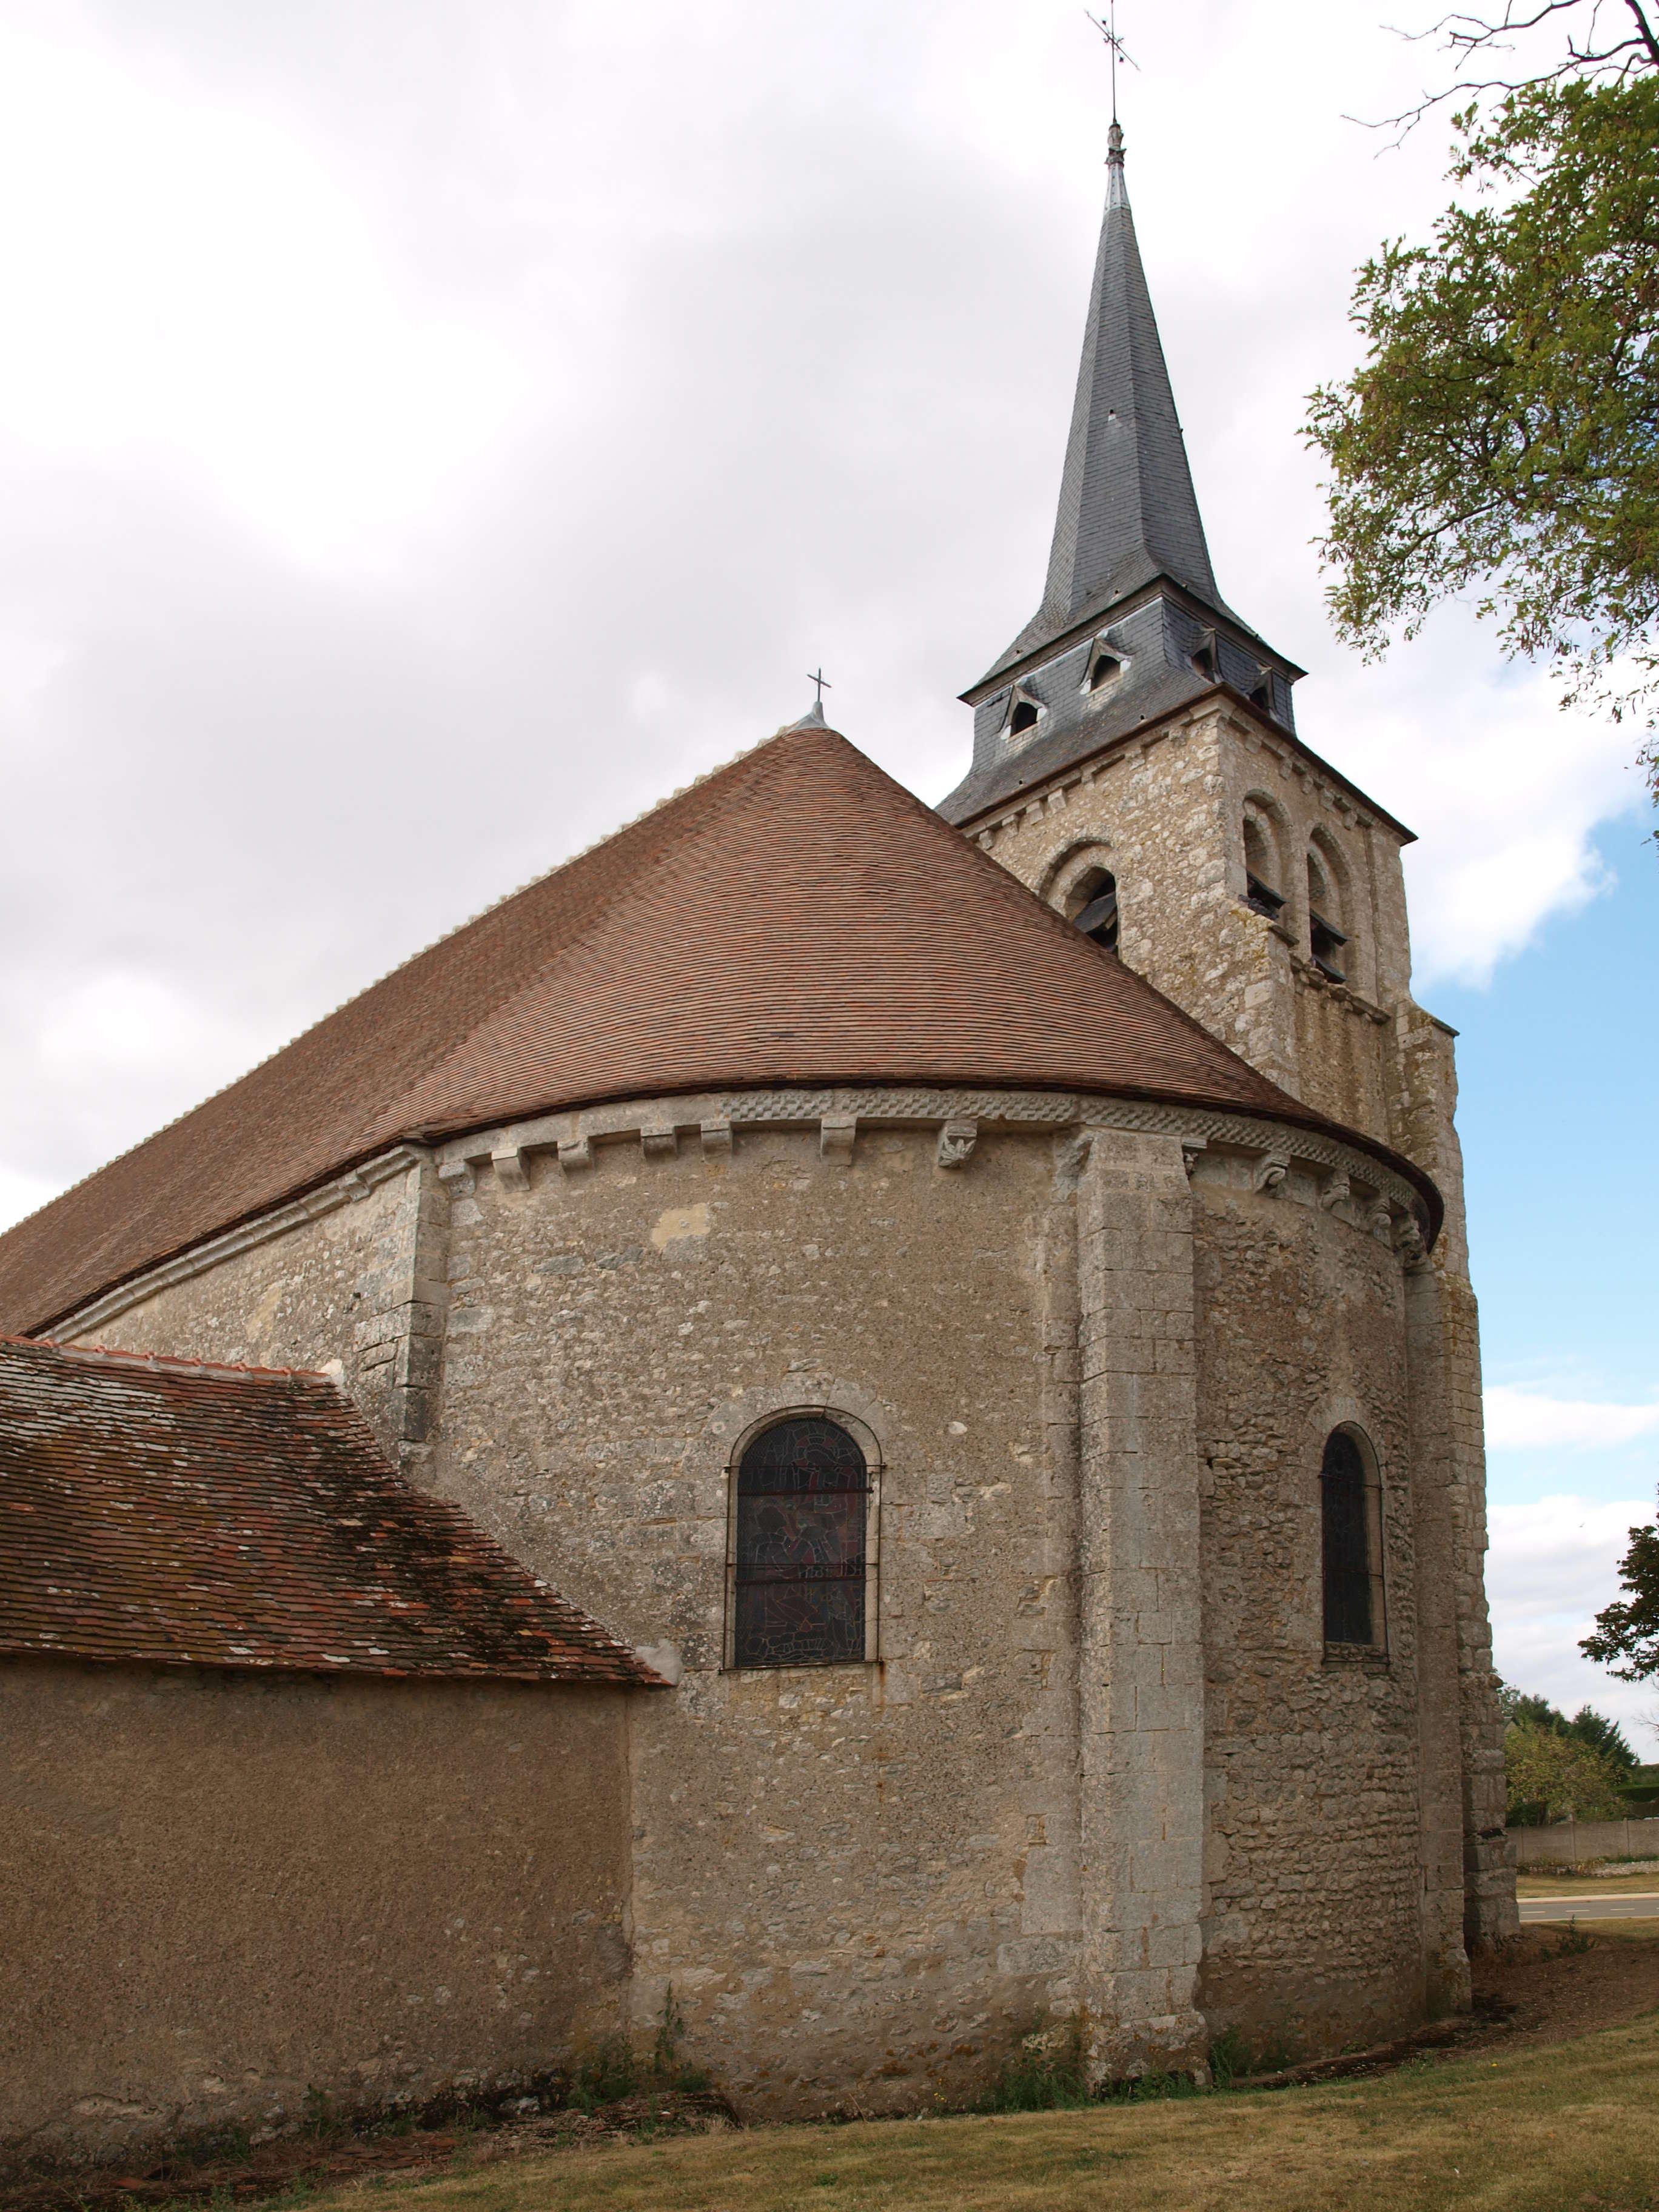 Lutz-en-Dunois